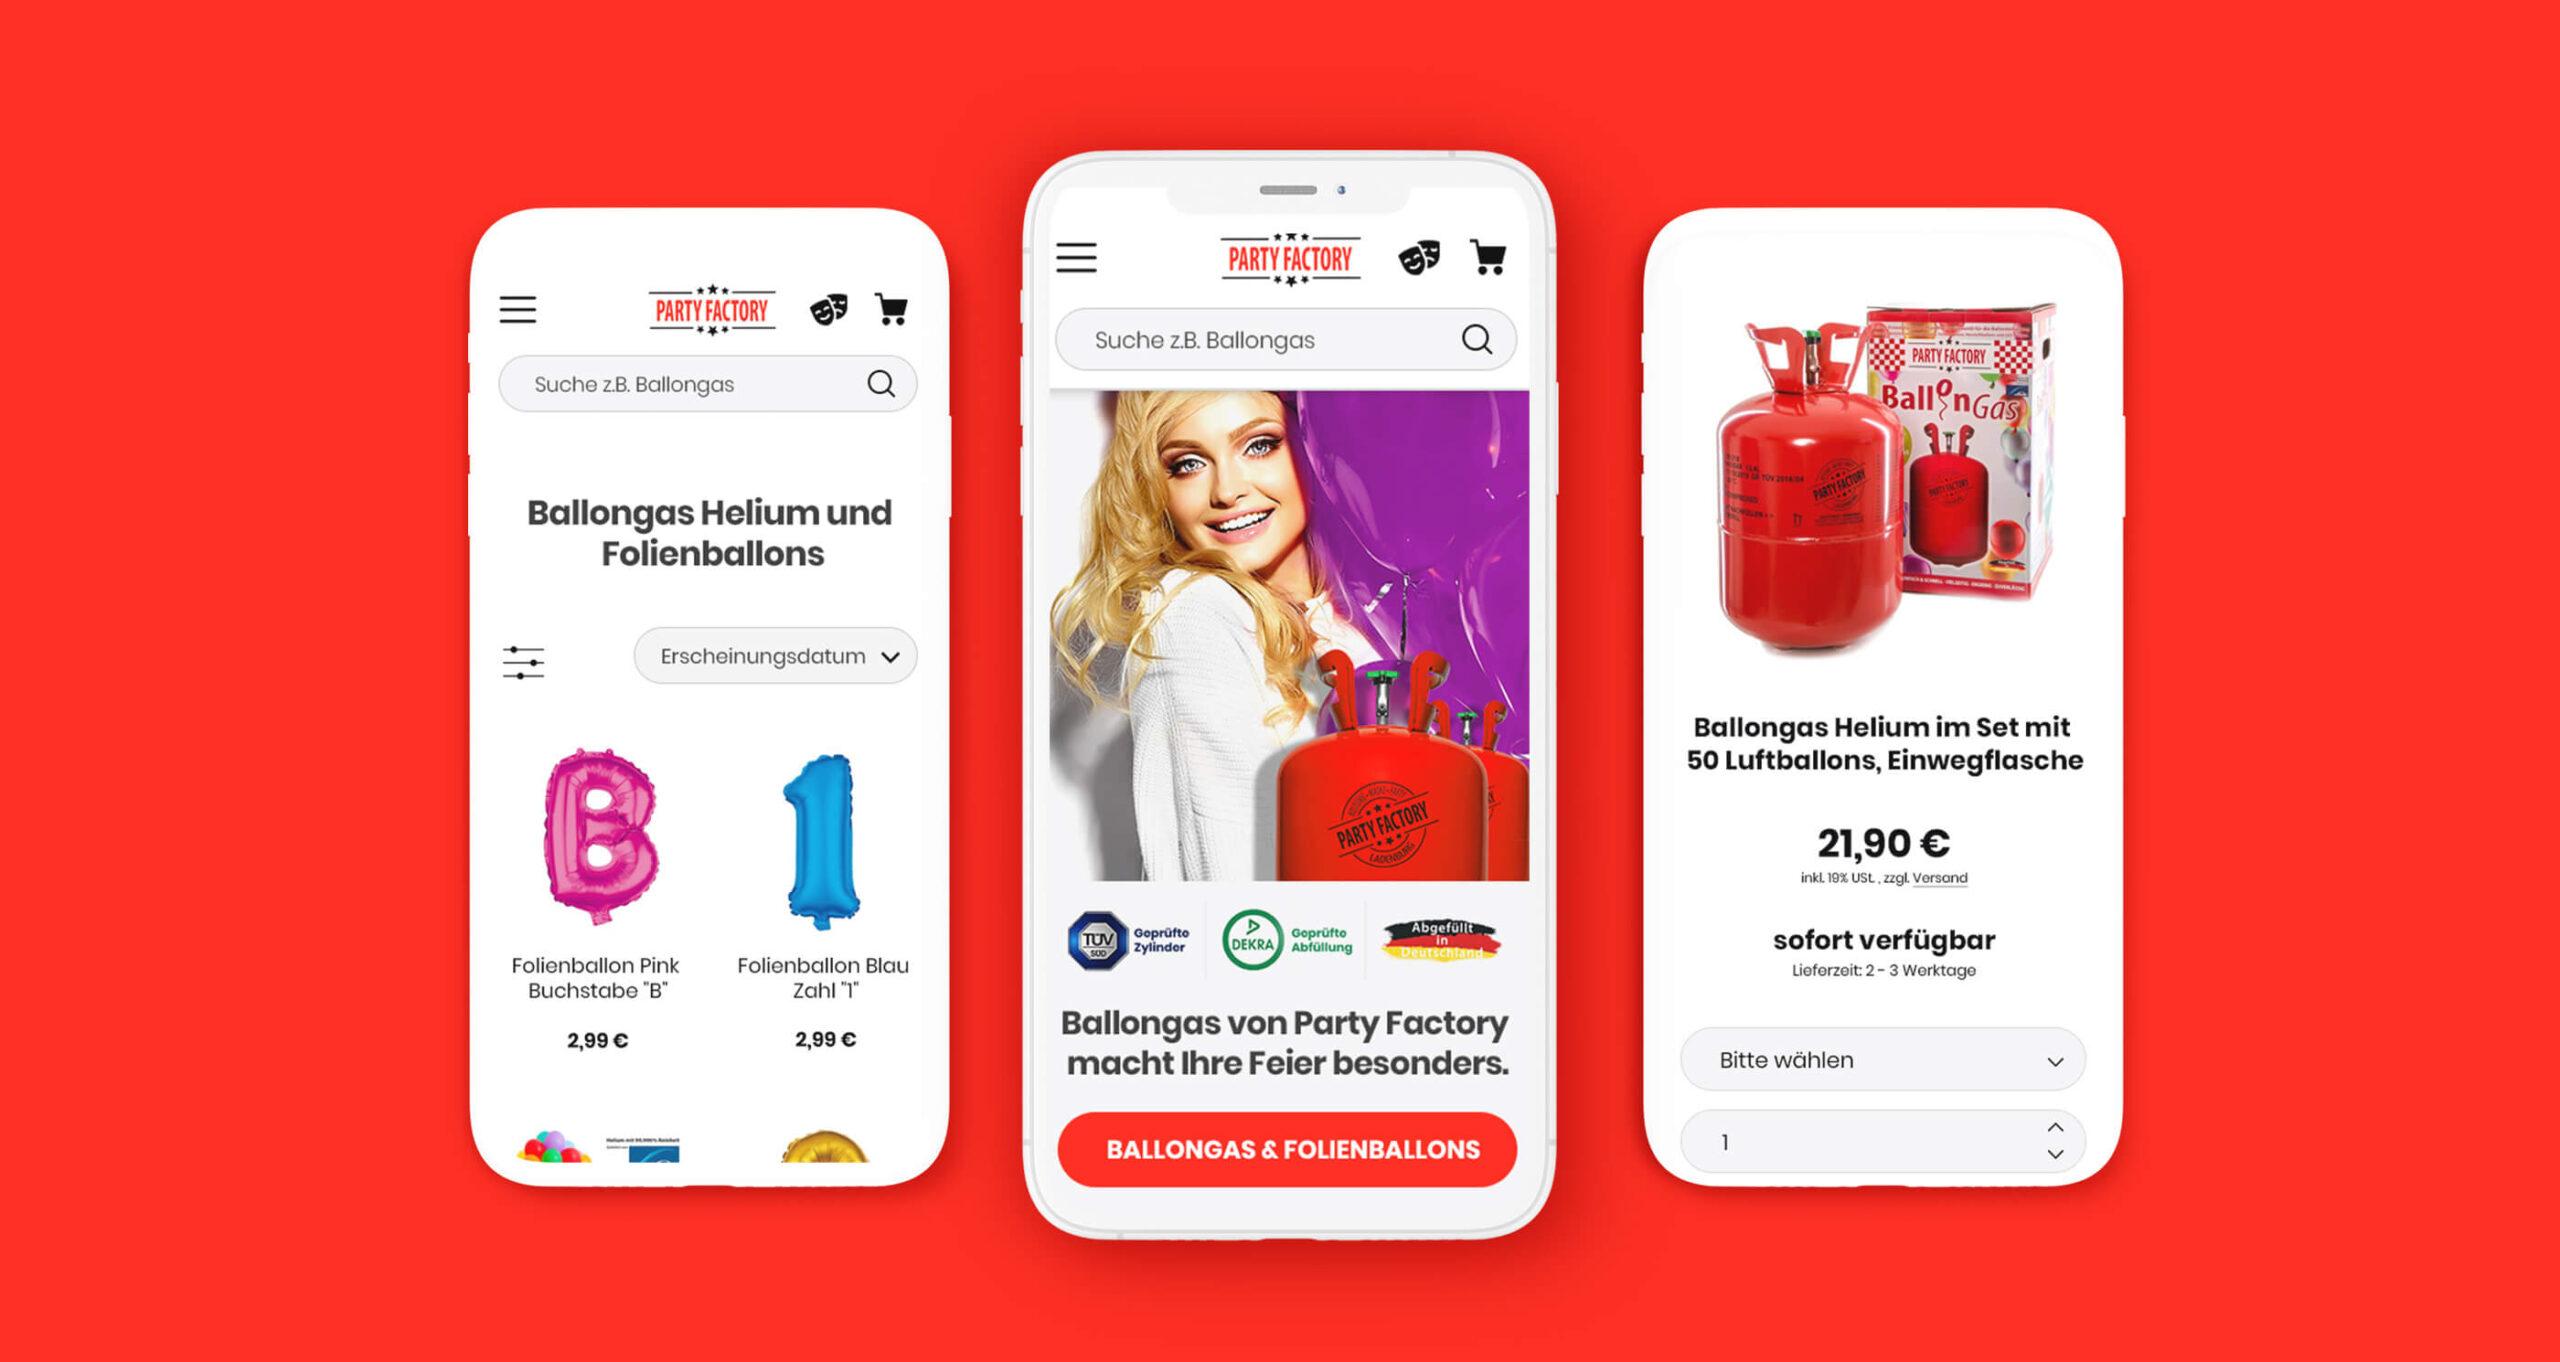 Layout und Konzept auf JTL der E-Commerce-Agentur: BS-Style GmbH. Darstellung der mobile Ansicht des Onlineshops Partyfactory.de